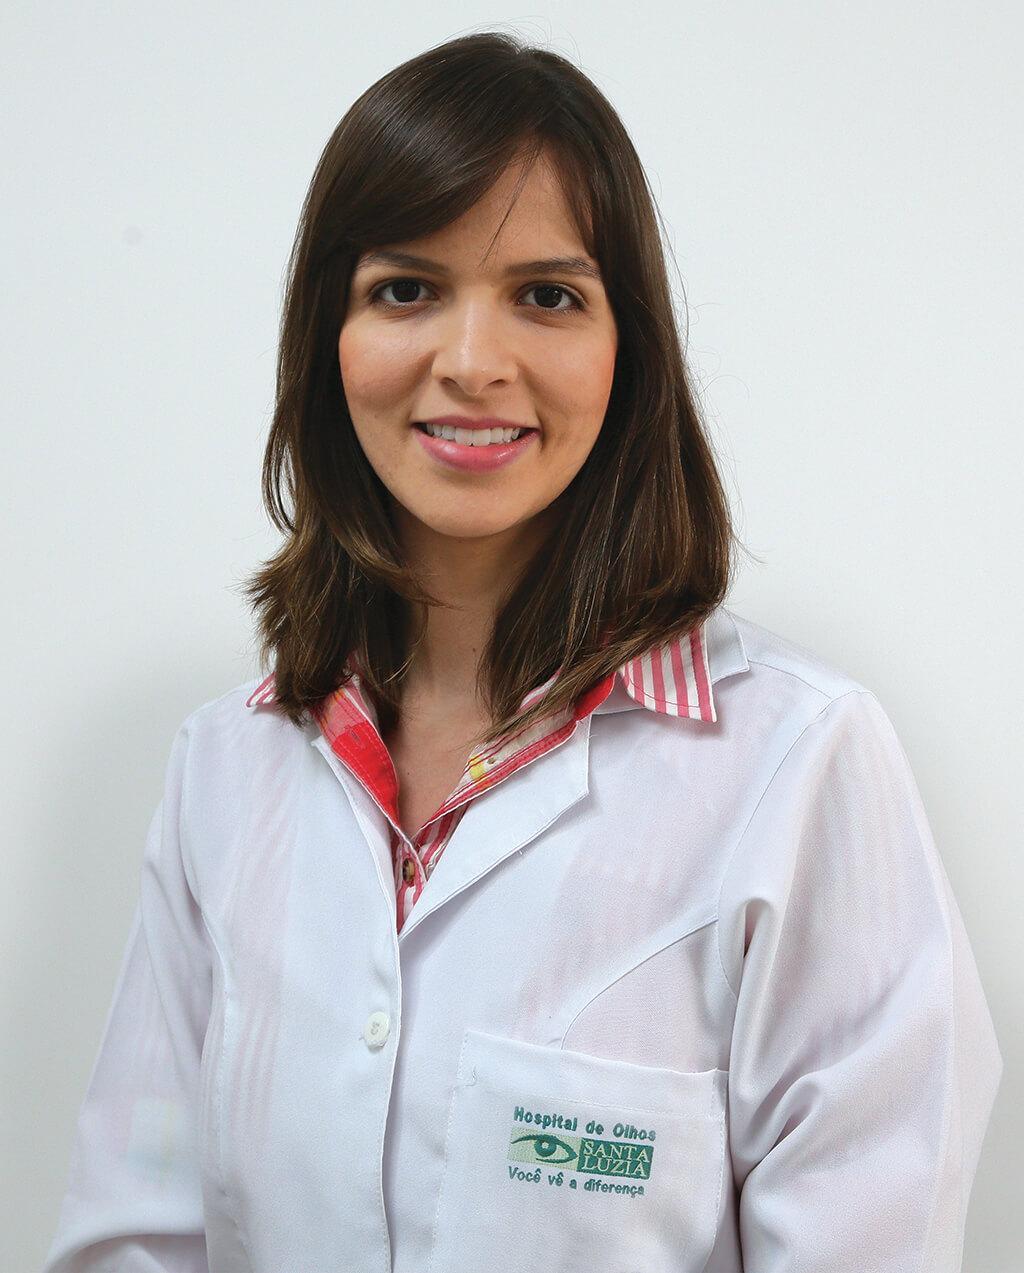 Fabiana da Fonte Gonçalves